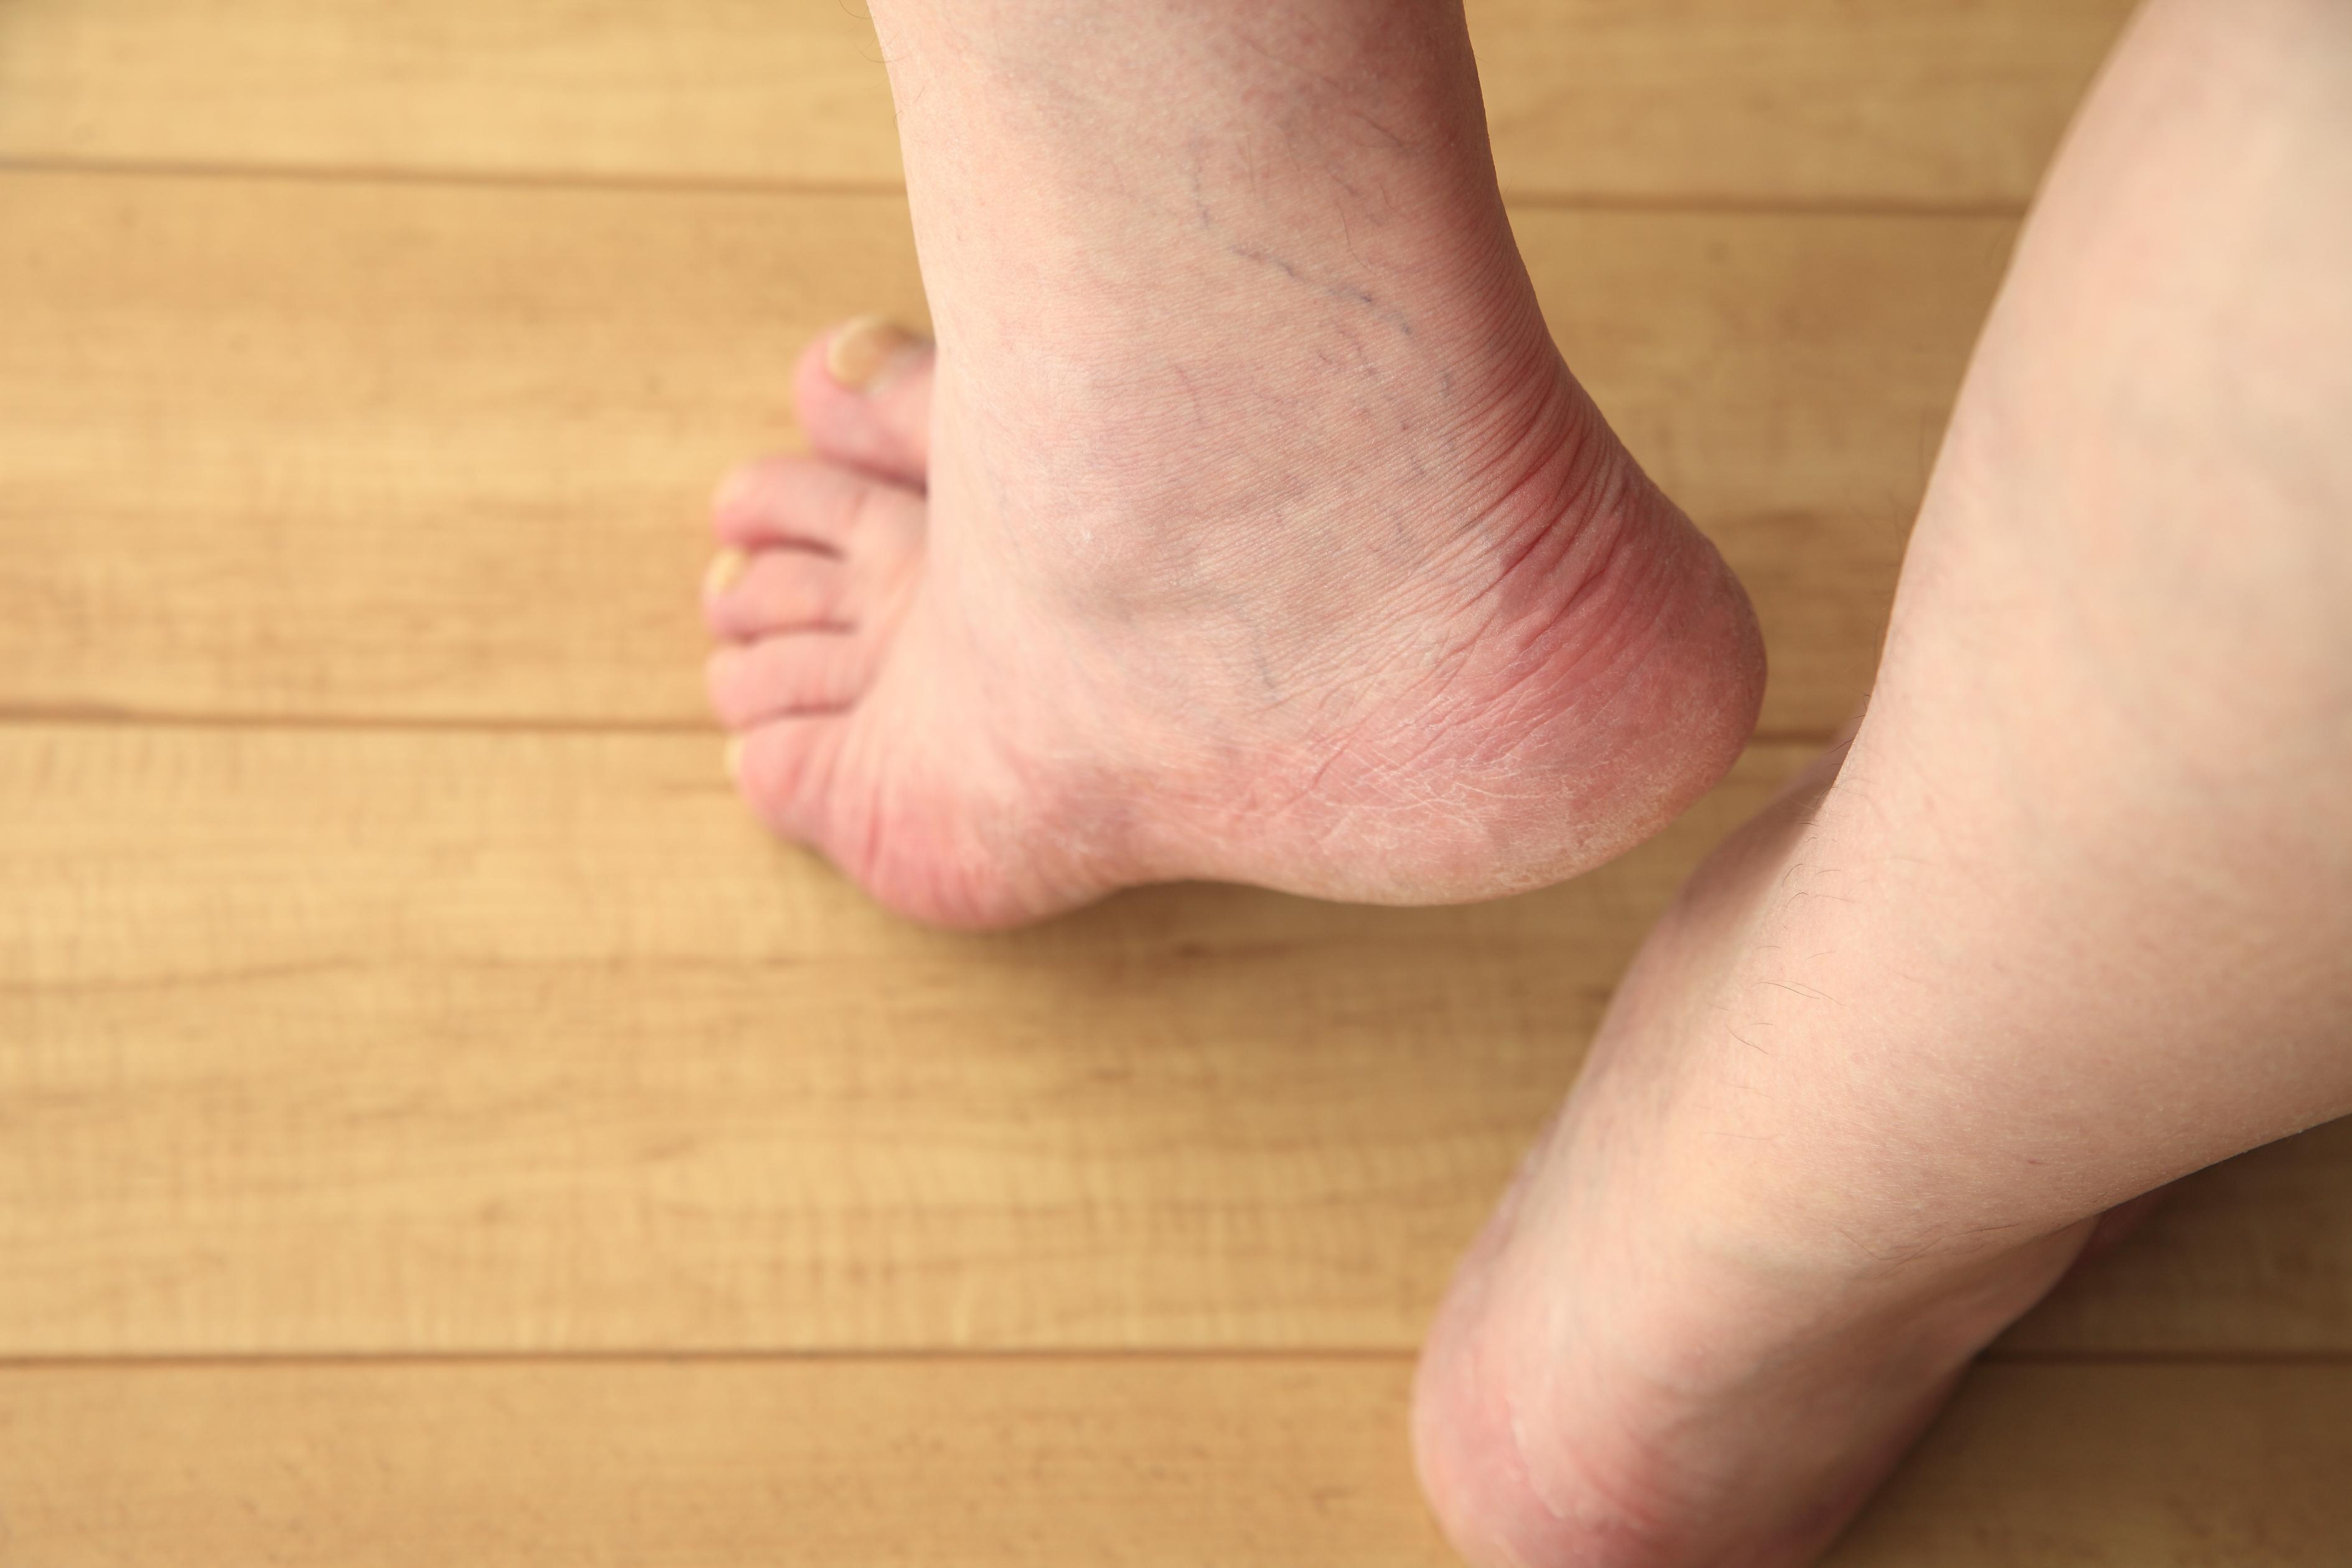 Symptoms of Bone Spur in the Foot